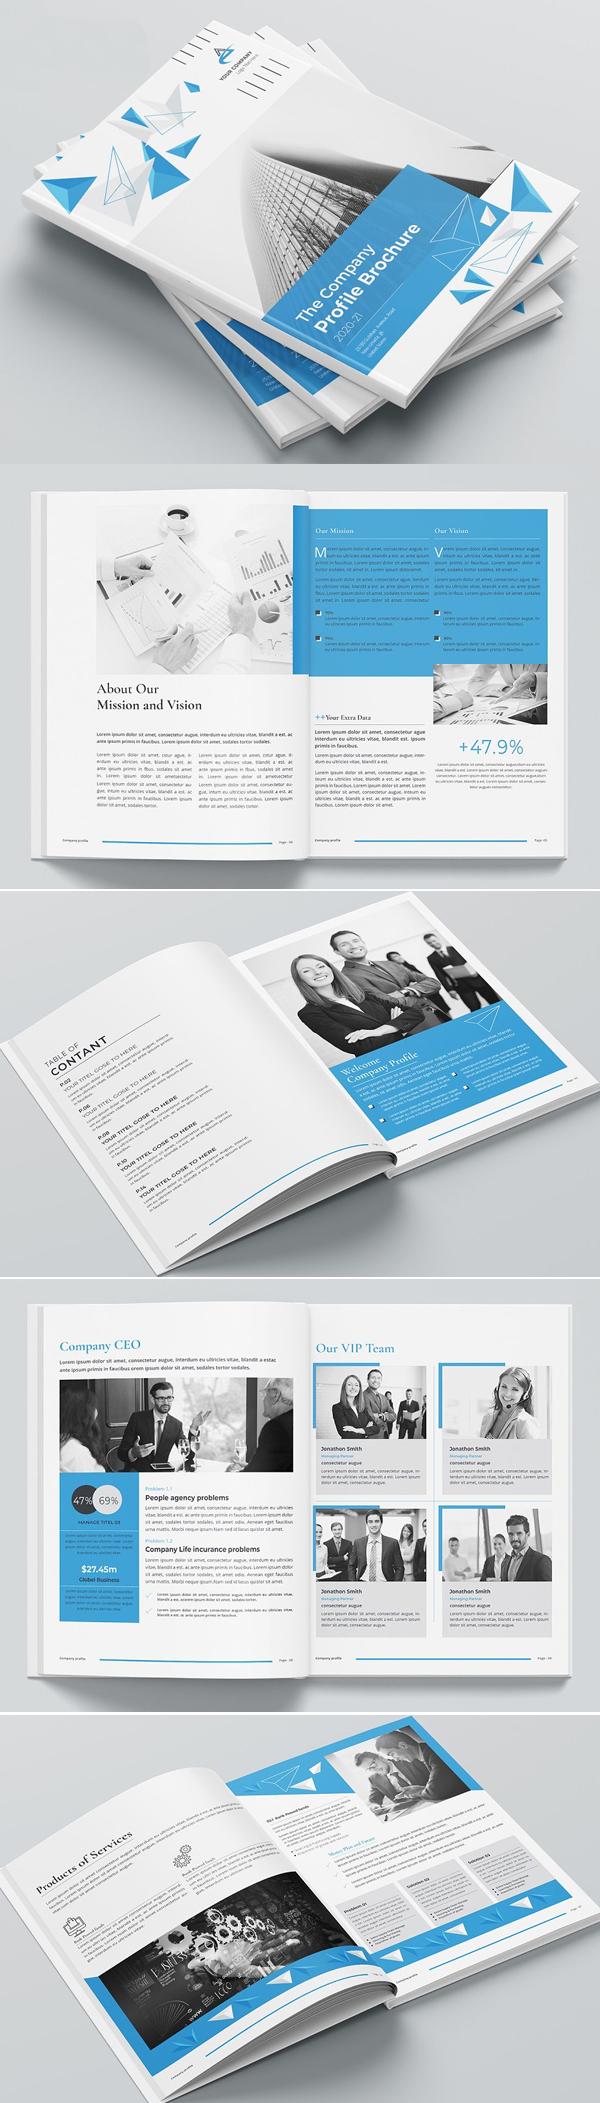 Company Profile Brochure 2020-21